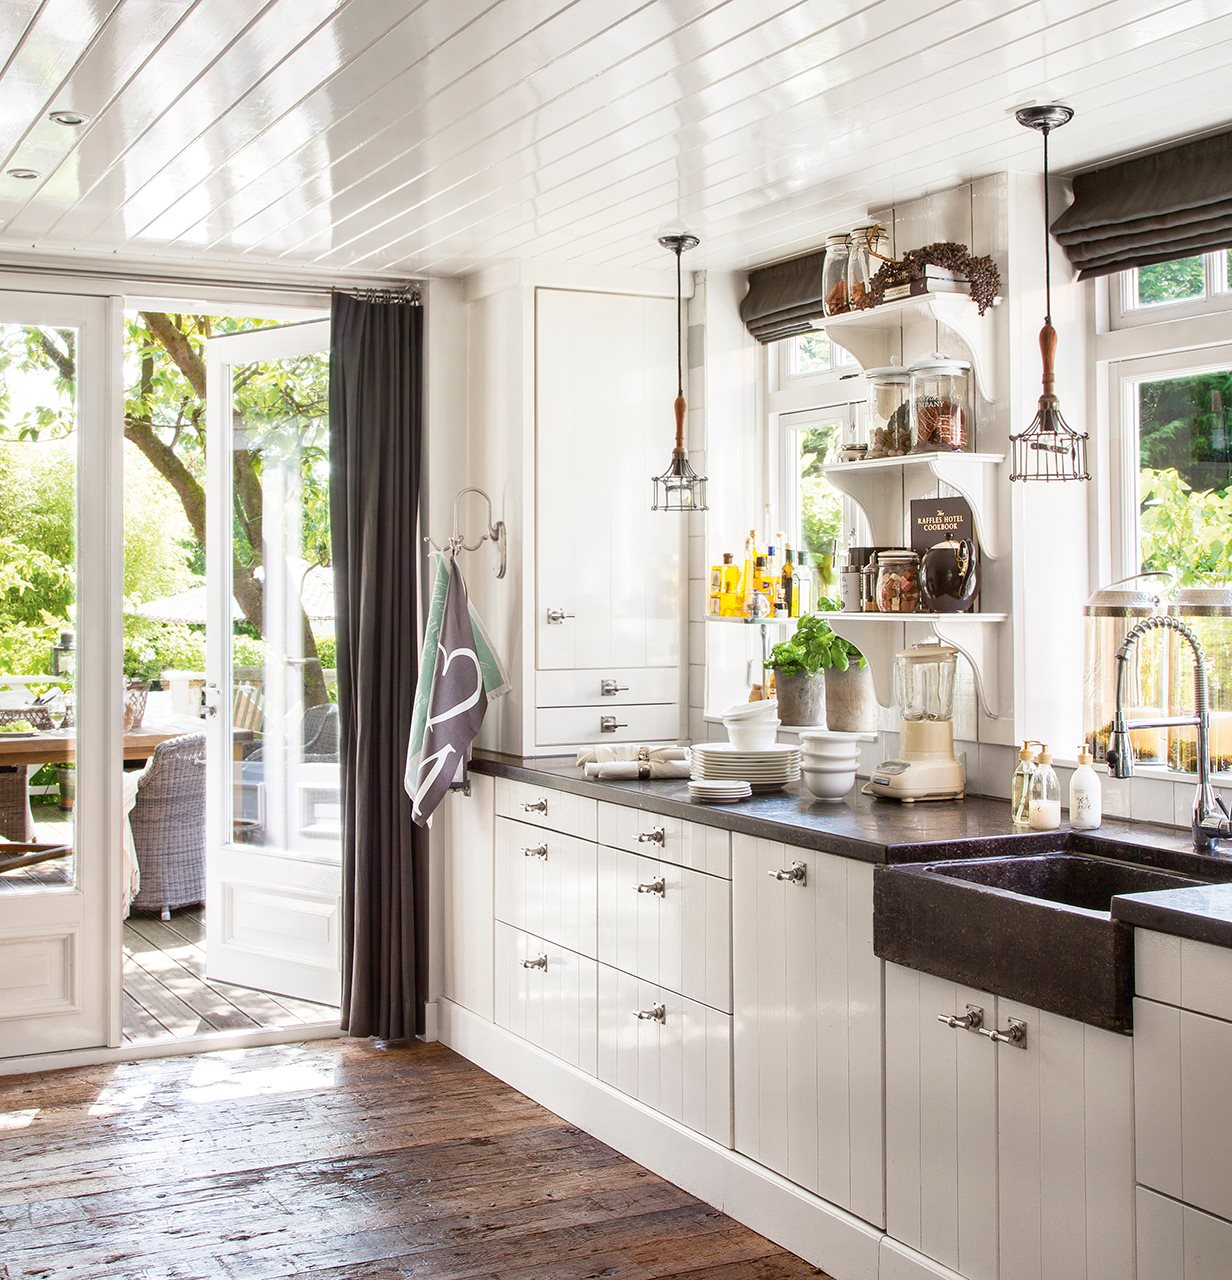 Una casa familiar con detalles artesanales y un porche - Fregaderos de cocina blanco ...